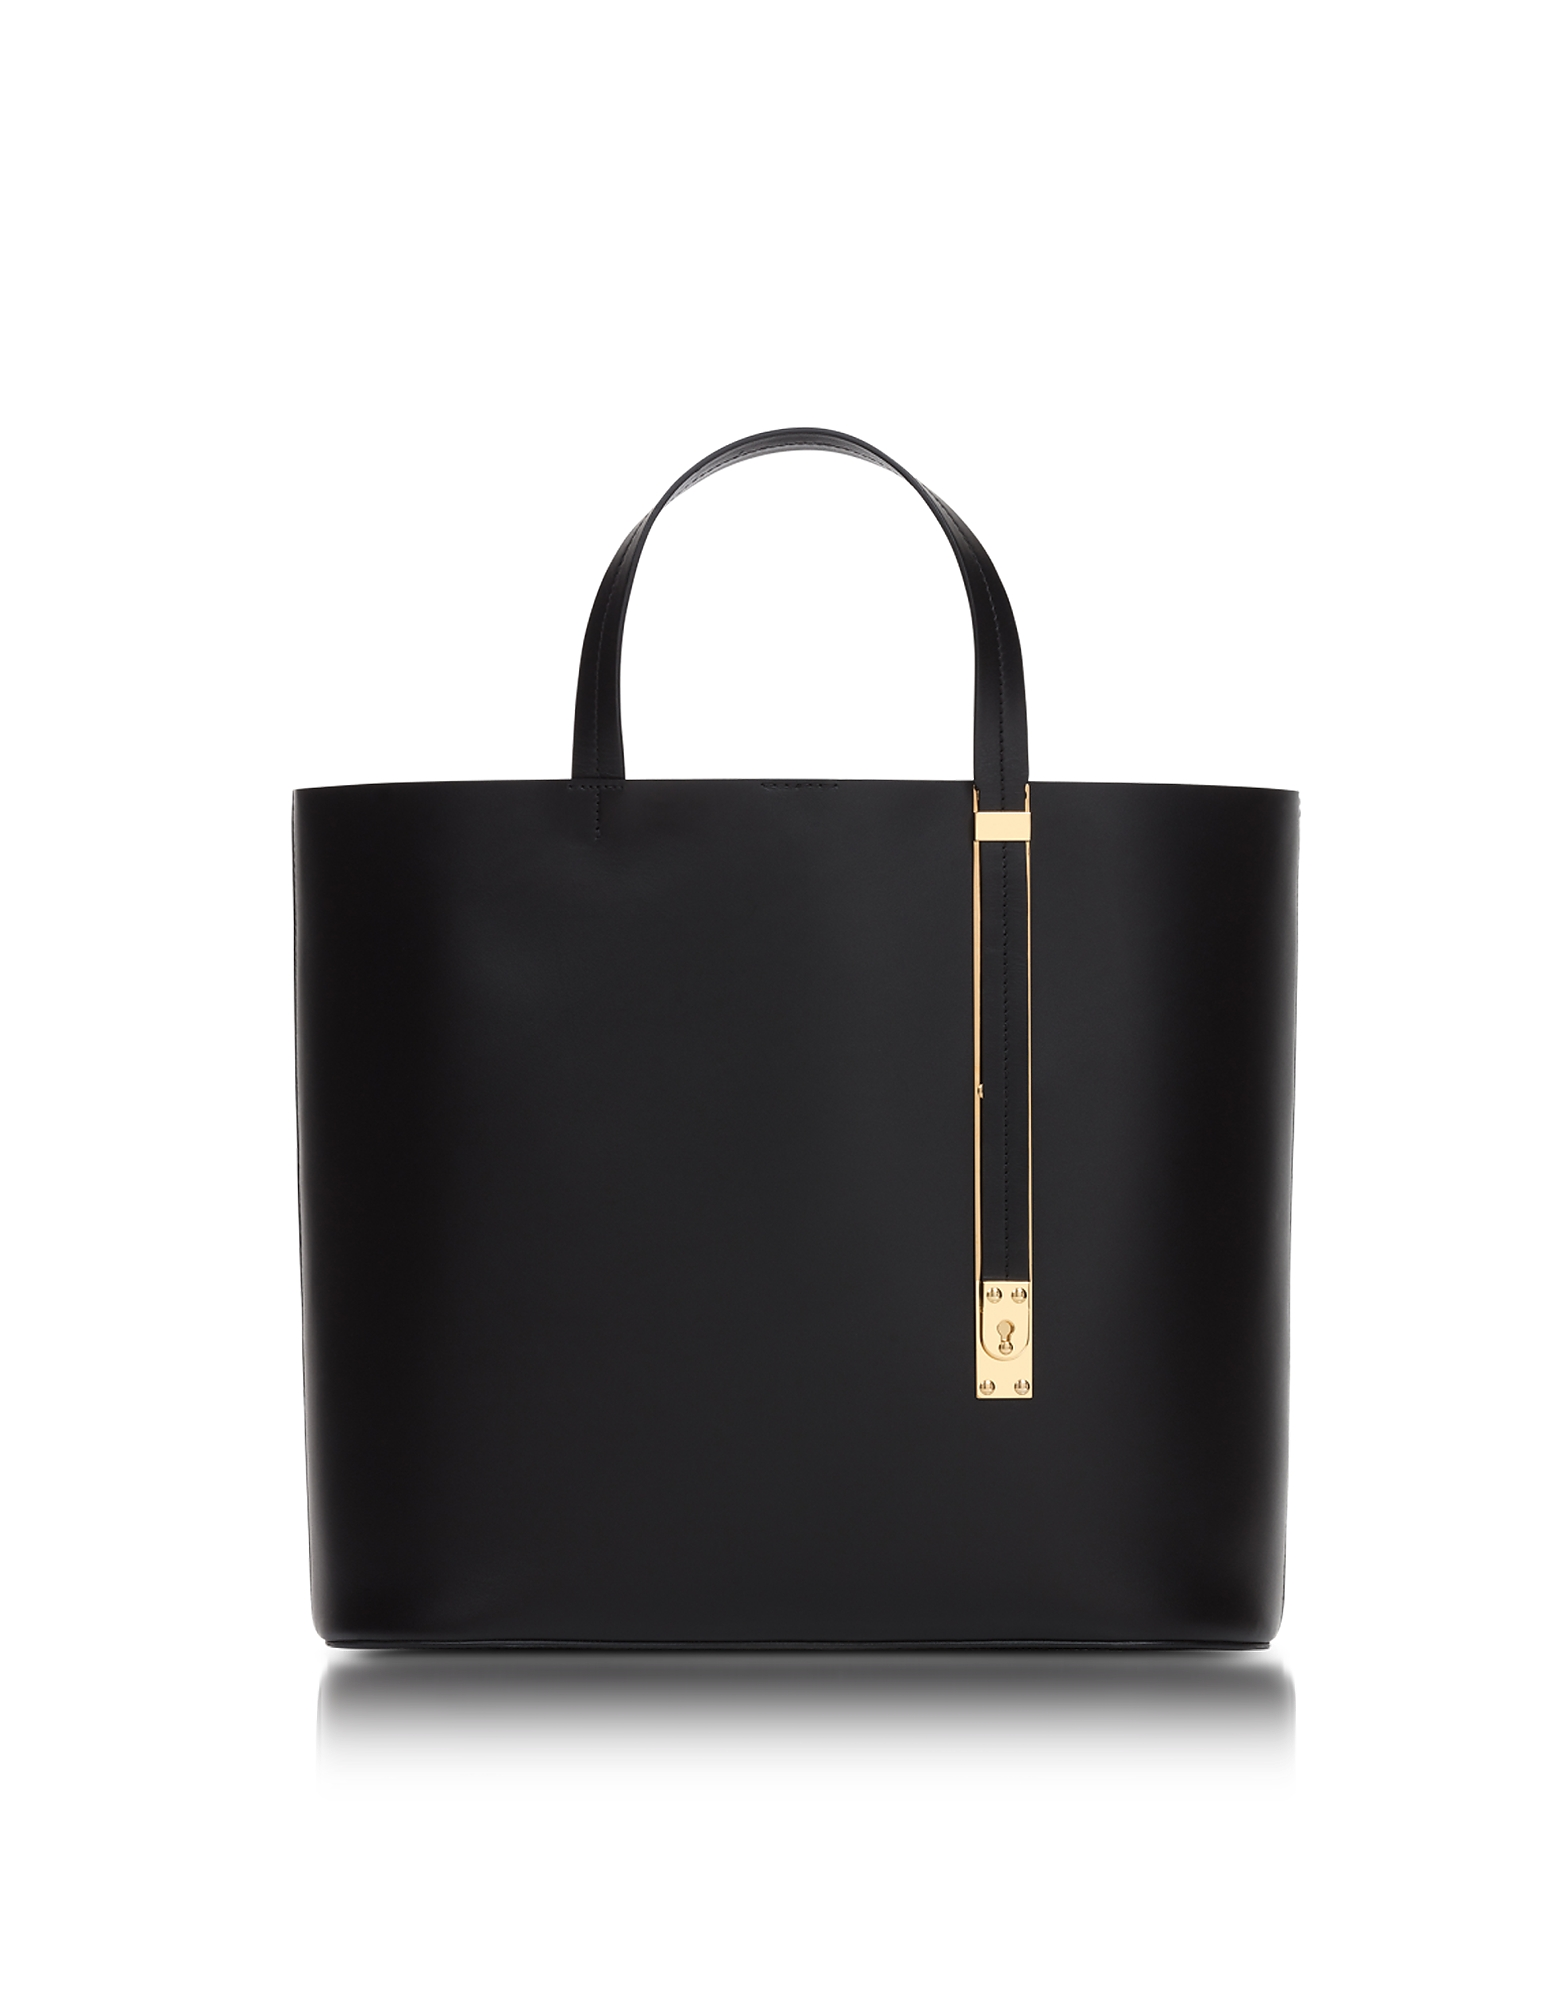 Sophie Hulme Handbags, Black Soft East West Exchange Tote